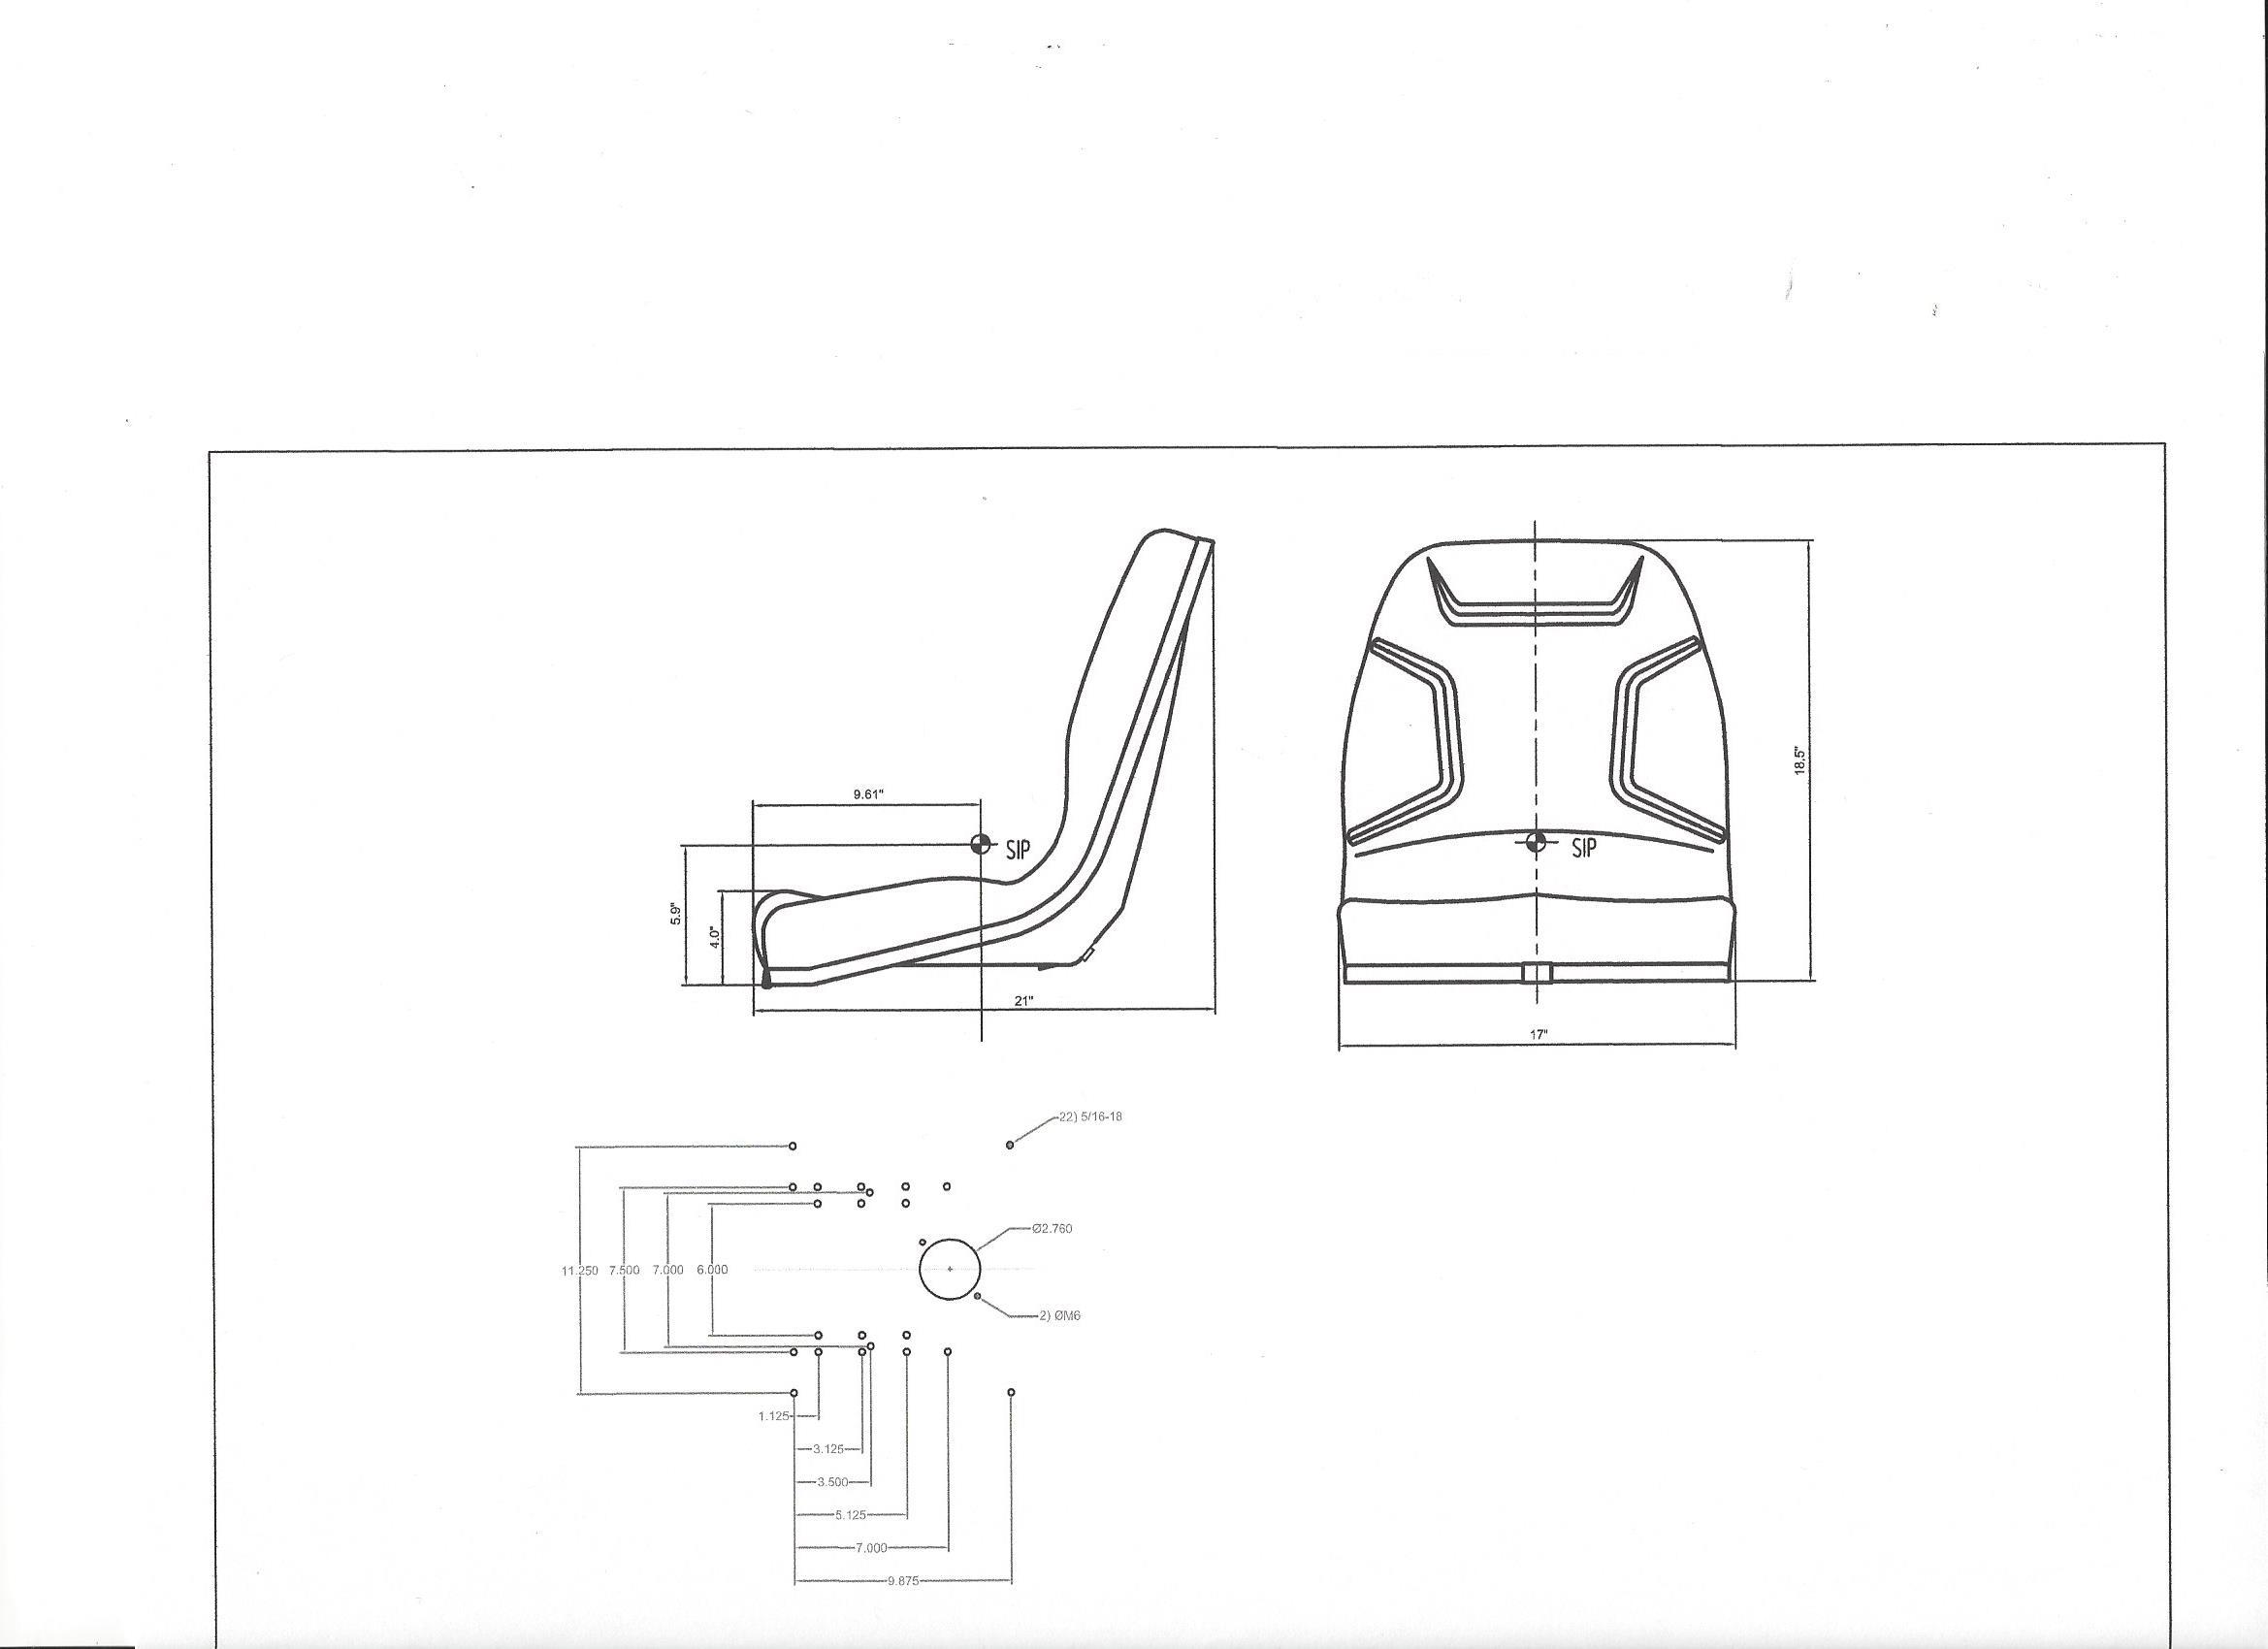 [DIAGRAM_38DE]  GN_6449] Massey Ferguson 1020 Wiring Diagram Download Diagram | Kubota L48 Wiring Diagram |  | Mimig Verr Monoc Ally Semec Cette Mohammedshrine Librar Wiring 101